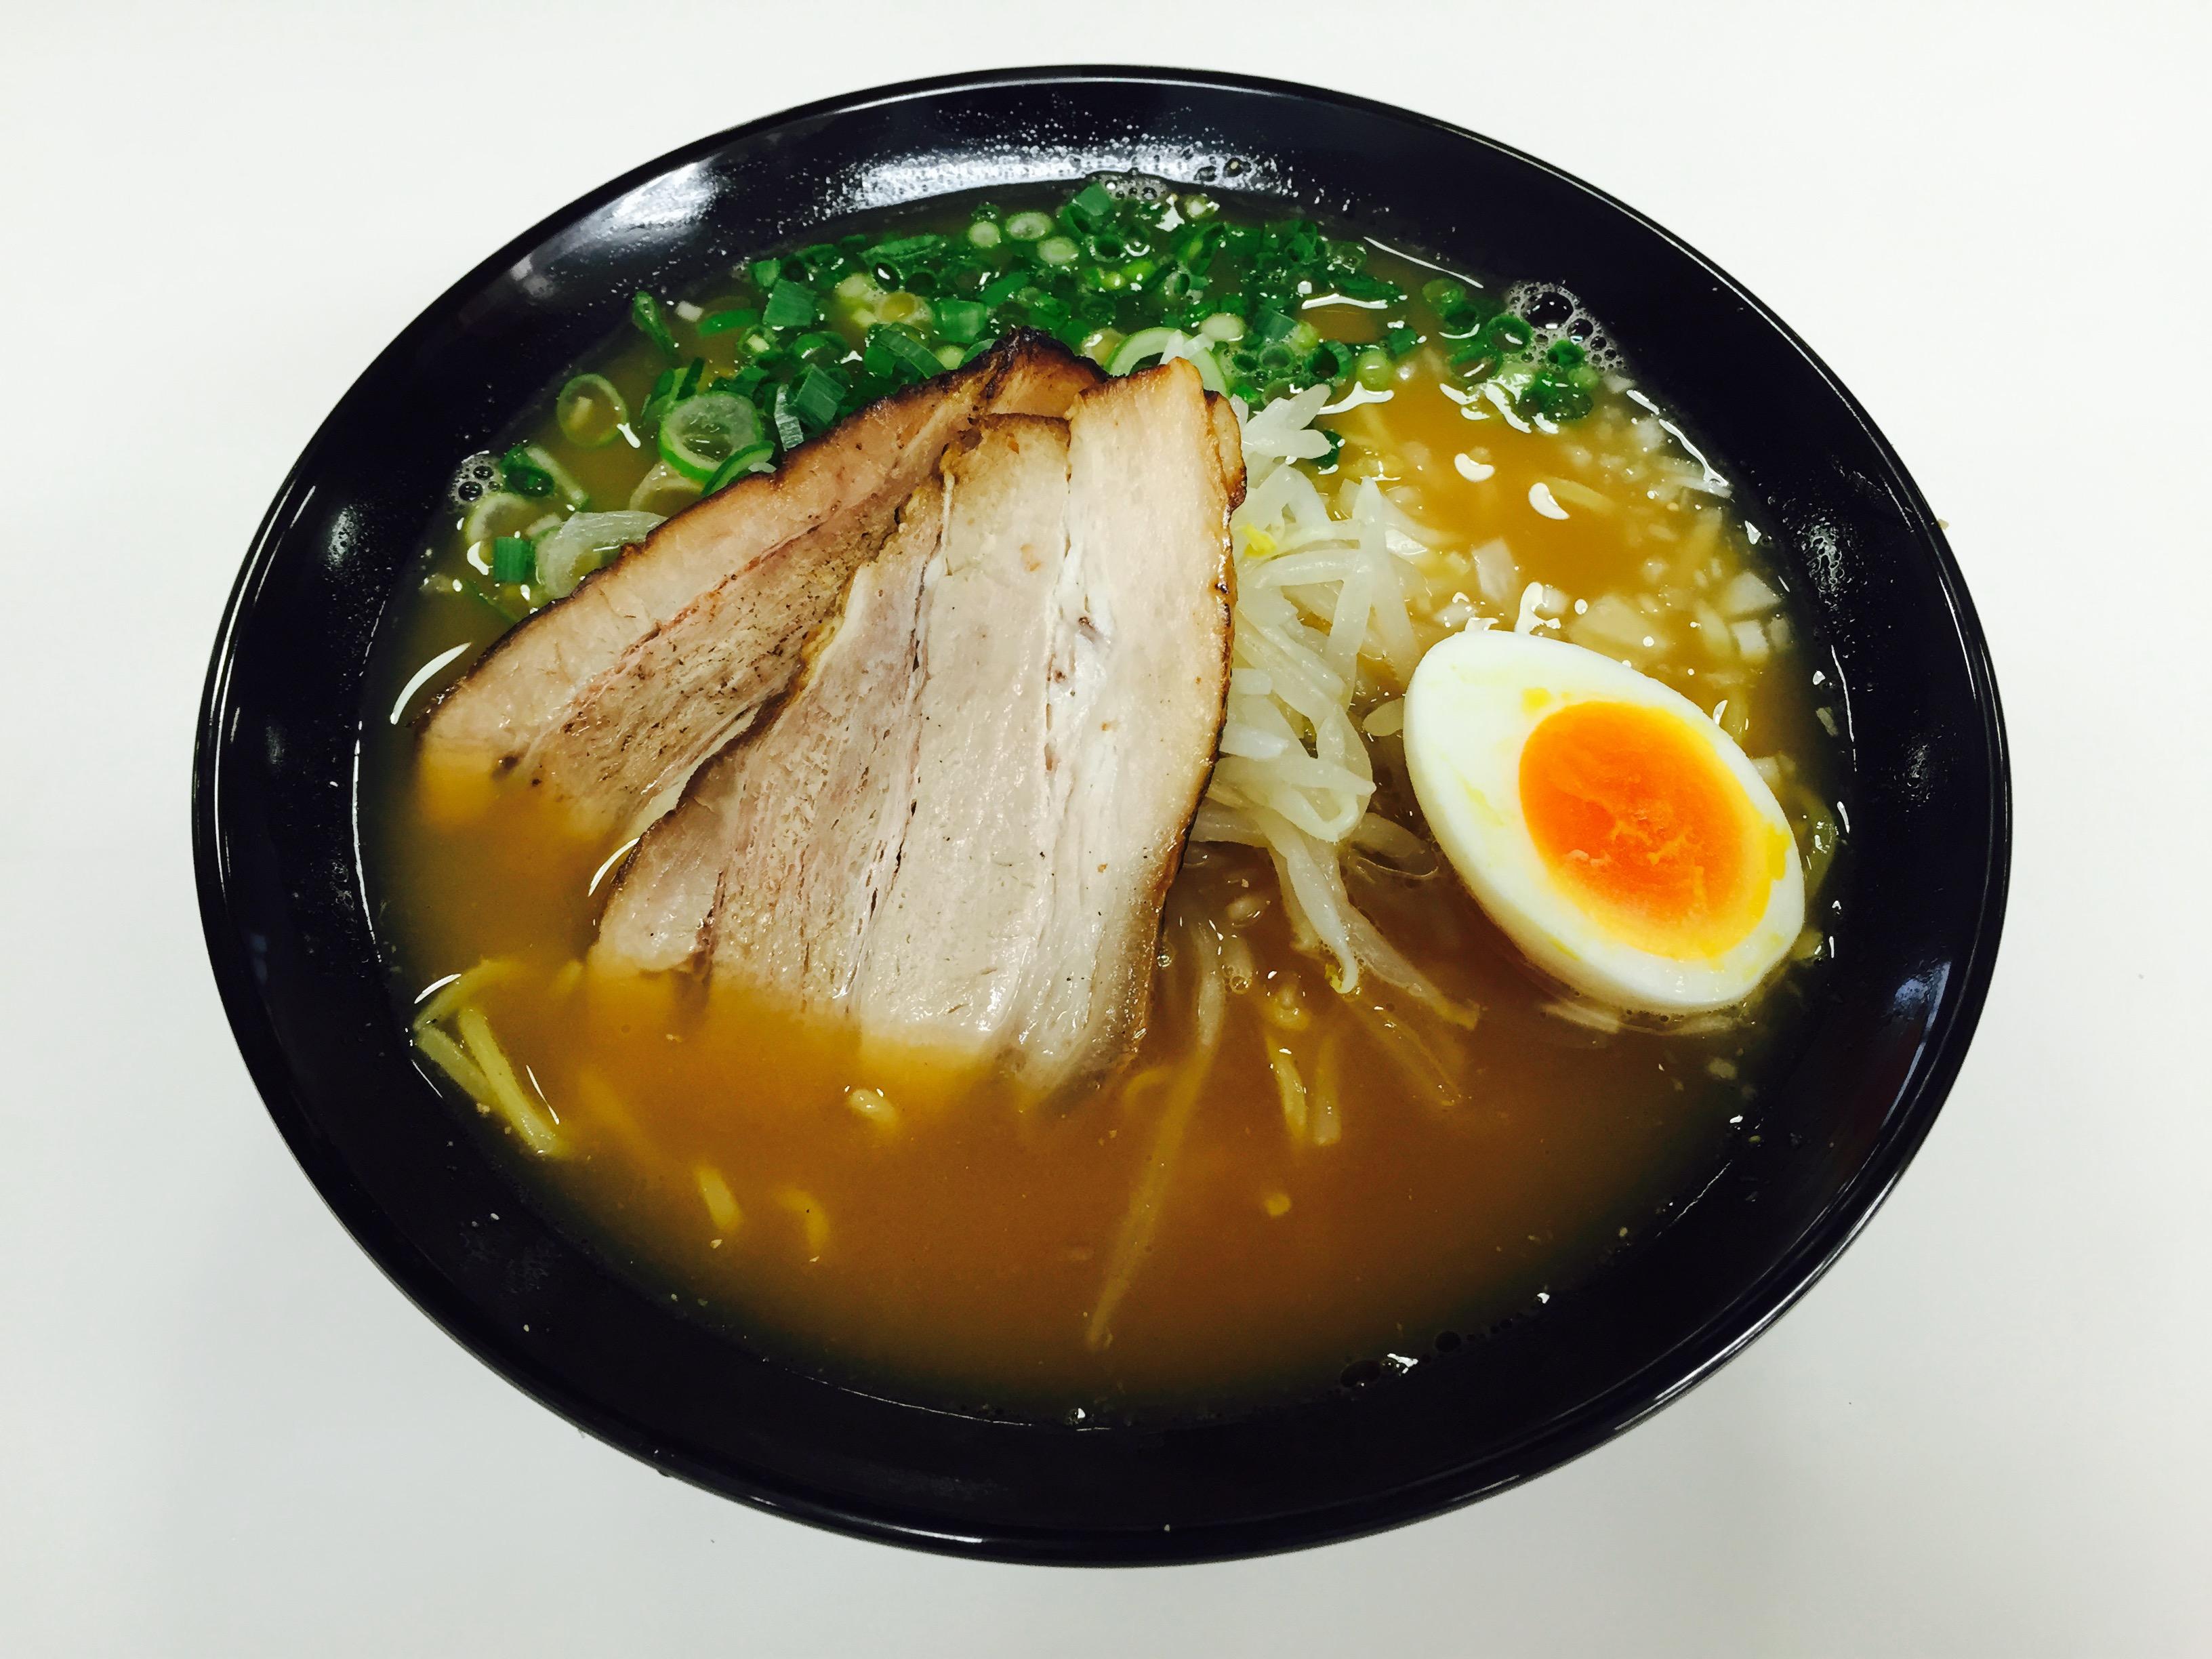 【道の駅 玉村宿】絶対外せない、必ず食べたい「軍配山ラーメン」!